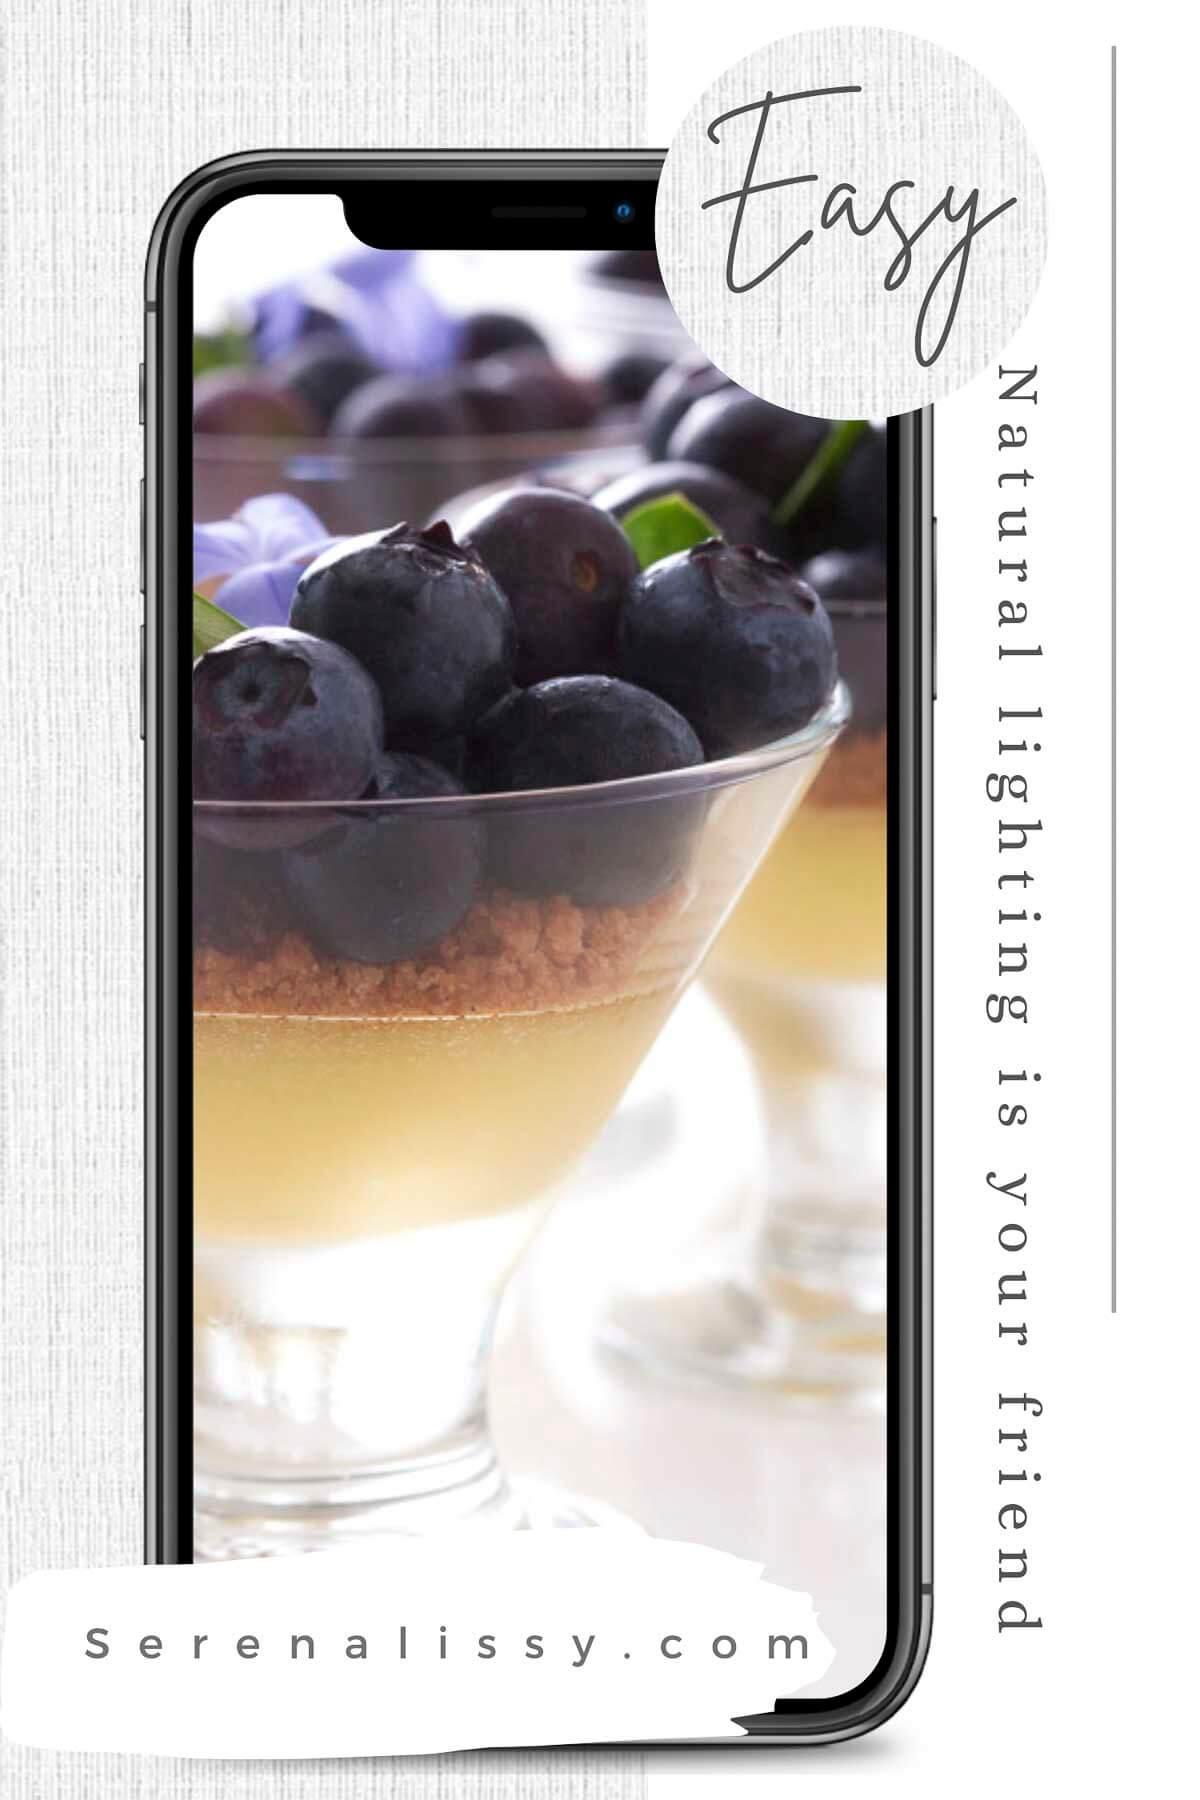 glass bowls of dessert